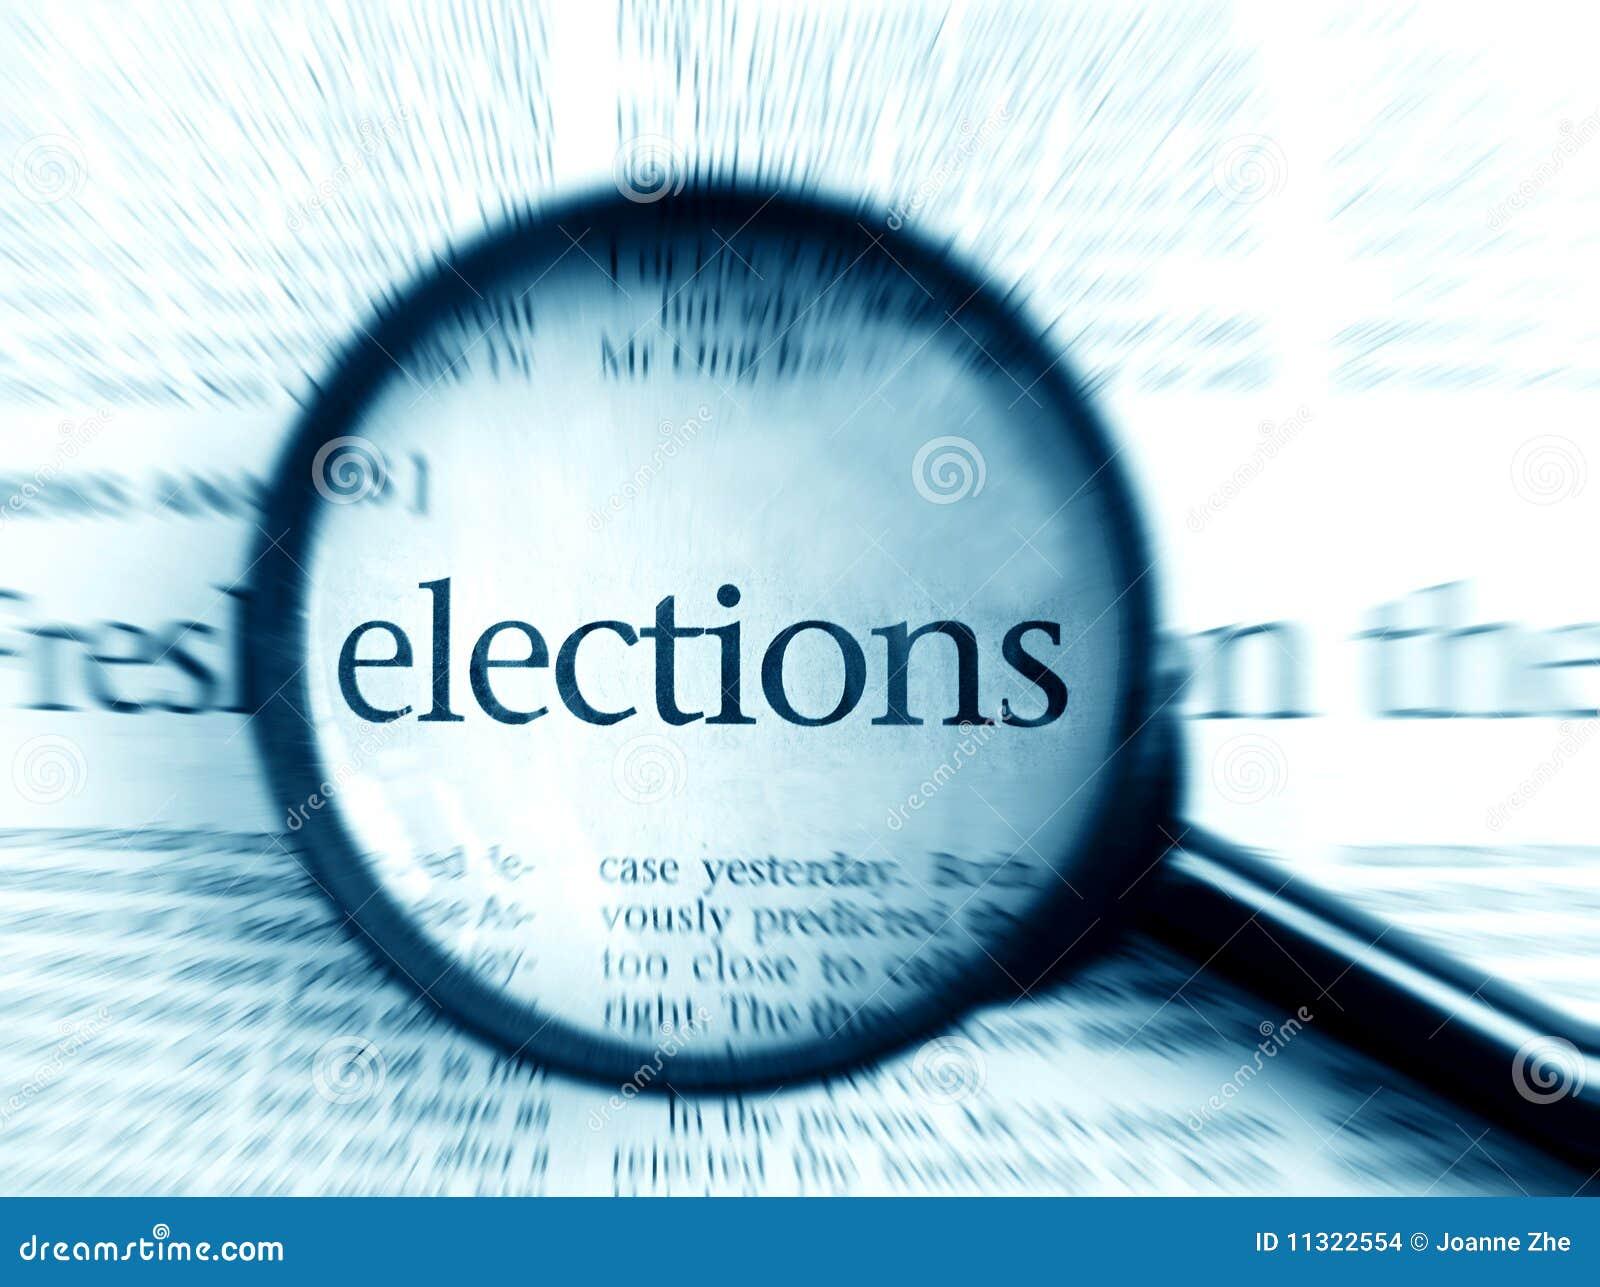 Wahlen - Wort im Fokus